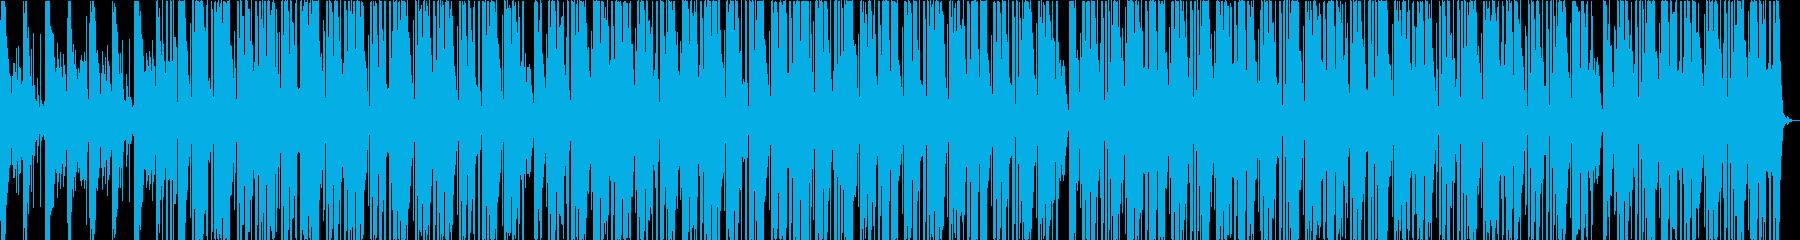 ピアノ、しっとり、LOFIHIPHOPの再生済みの波形